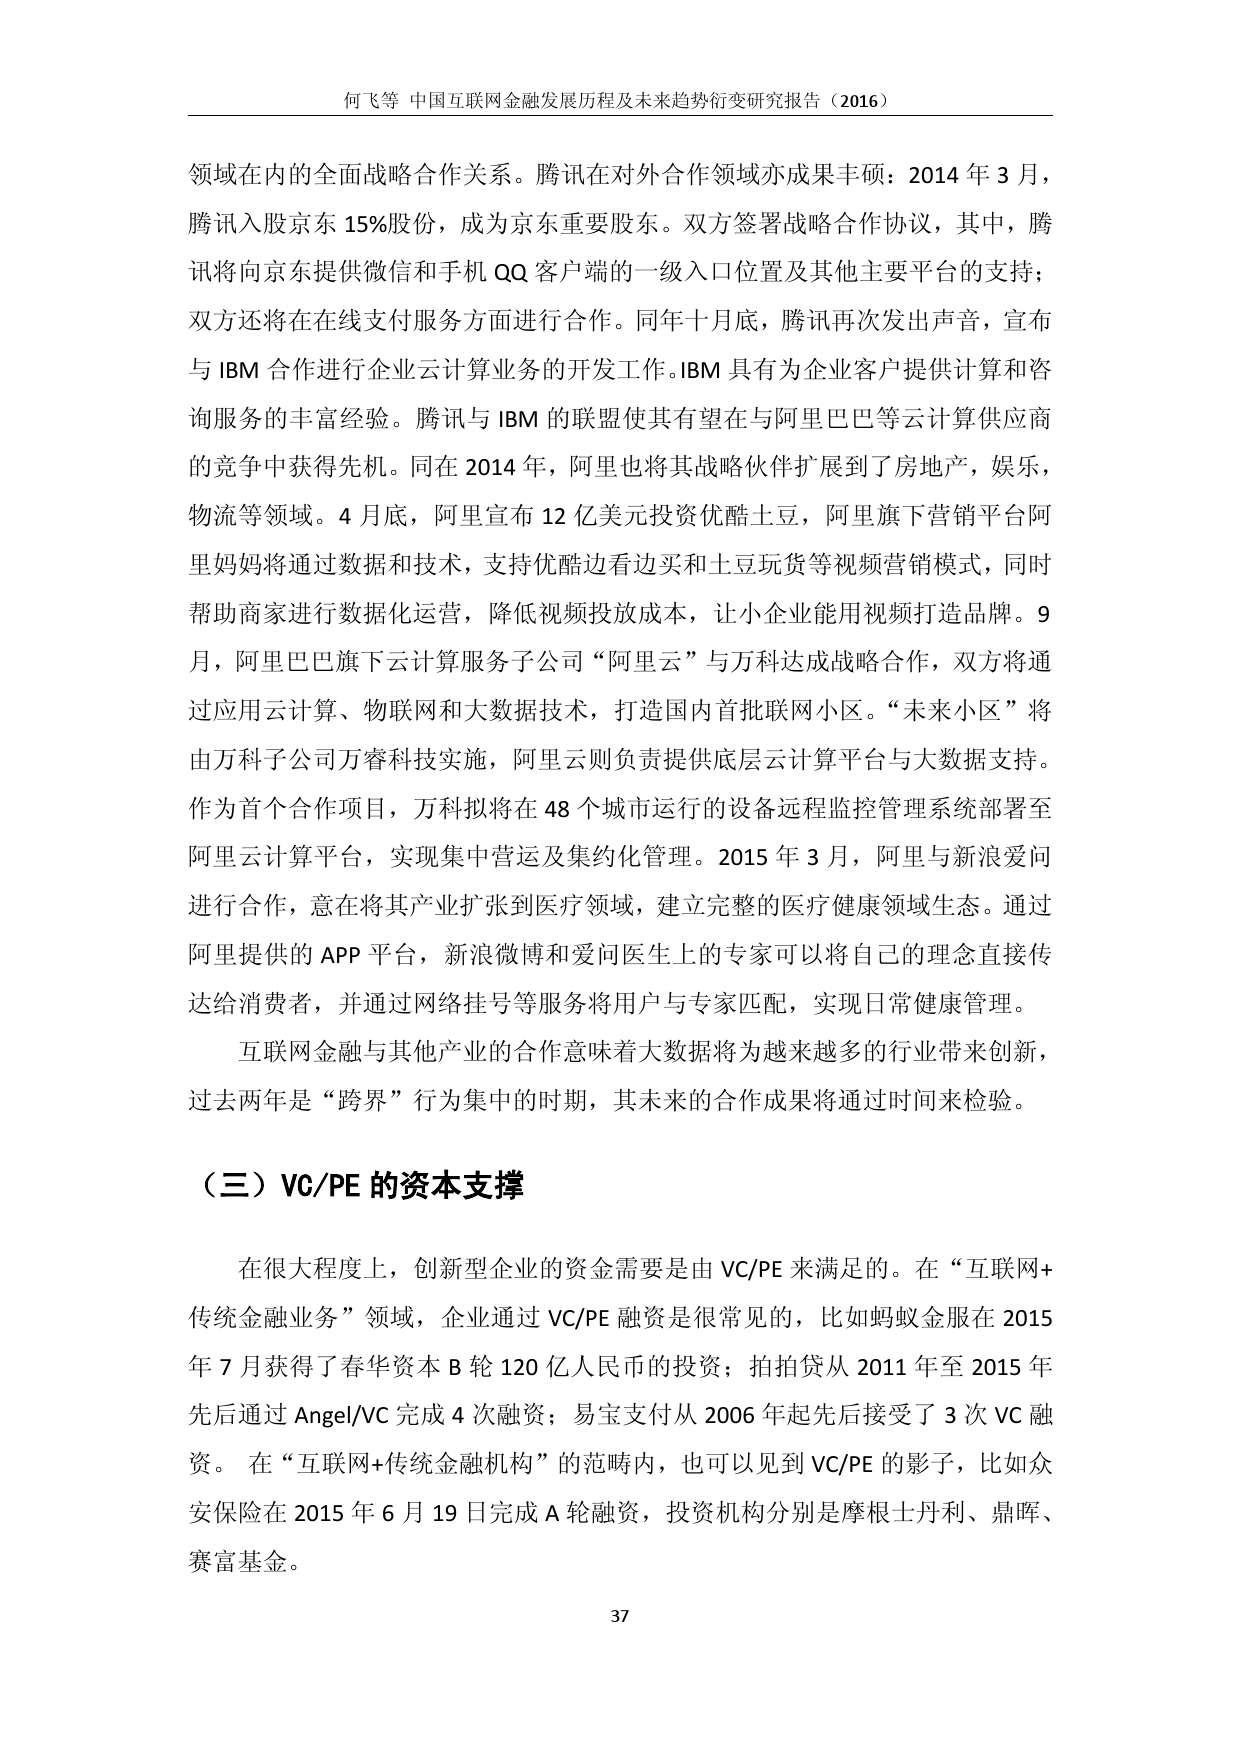 中国互联网金融发展历程及未来趋势衍变研究报告(2016)_000042